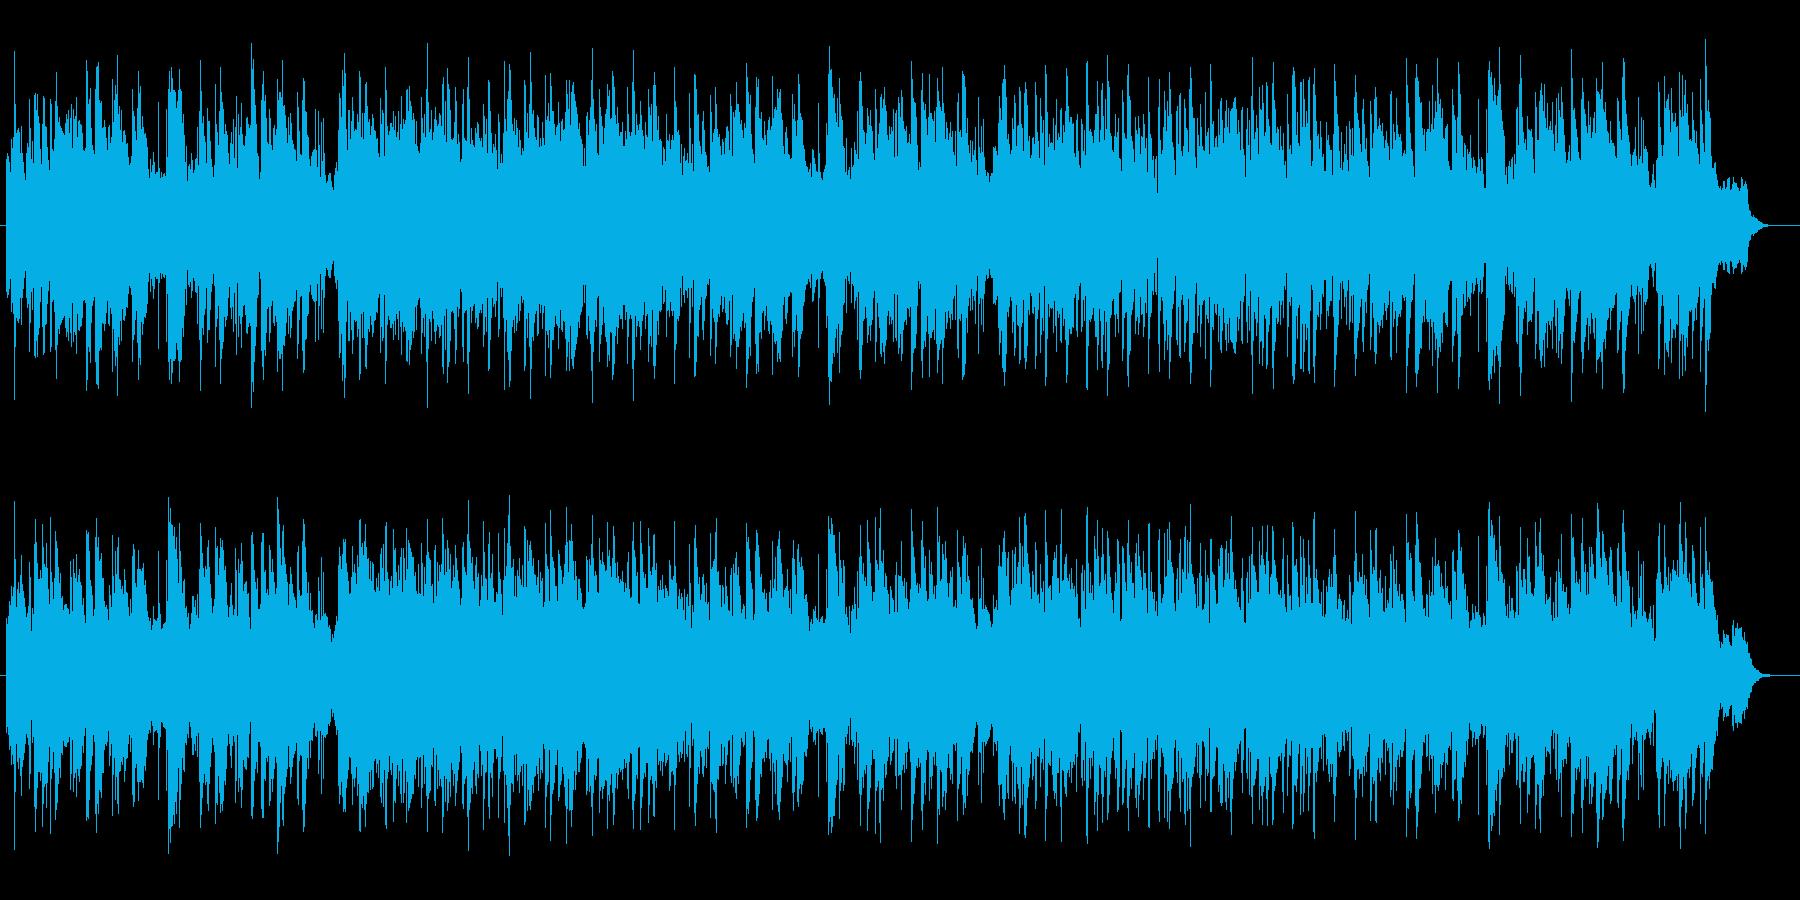 優しく穏やかなピアノのバラードの再生済みの波形